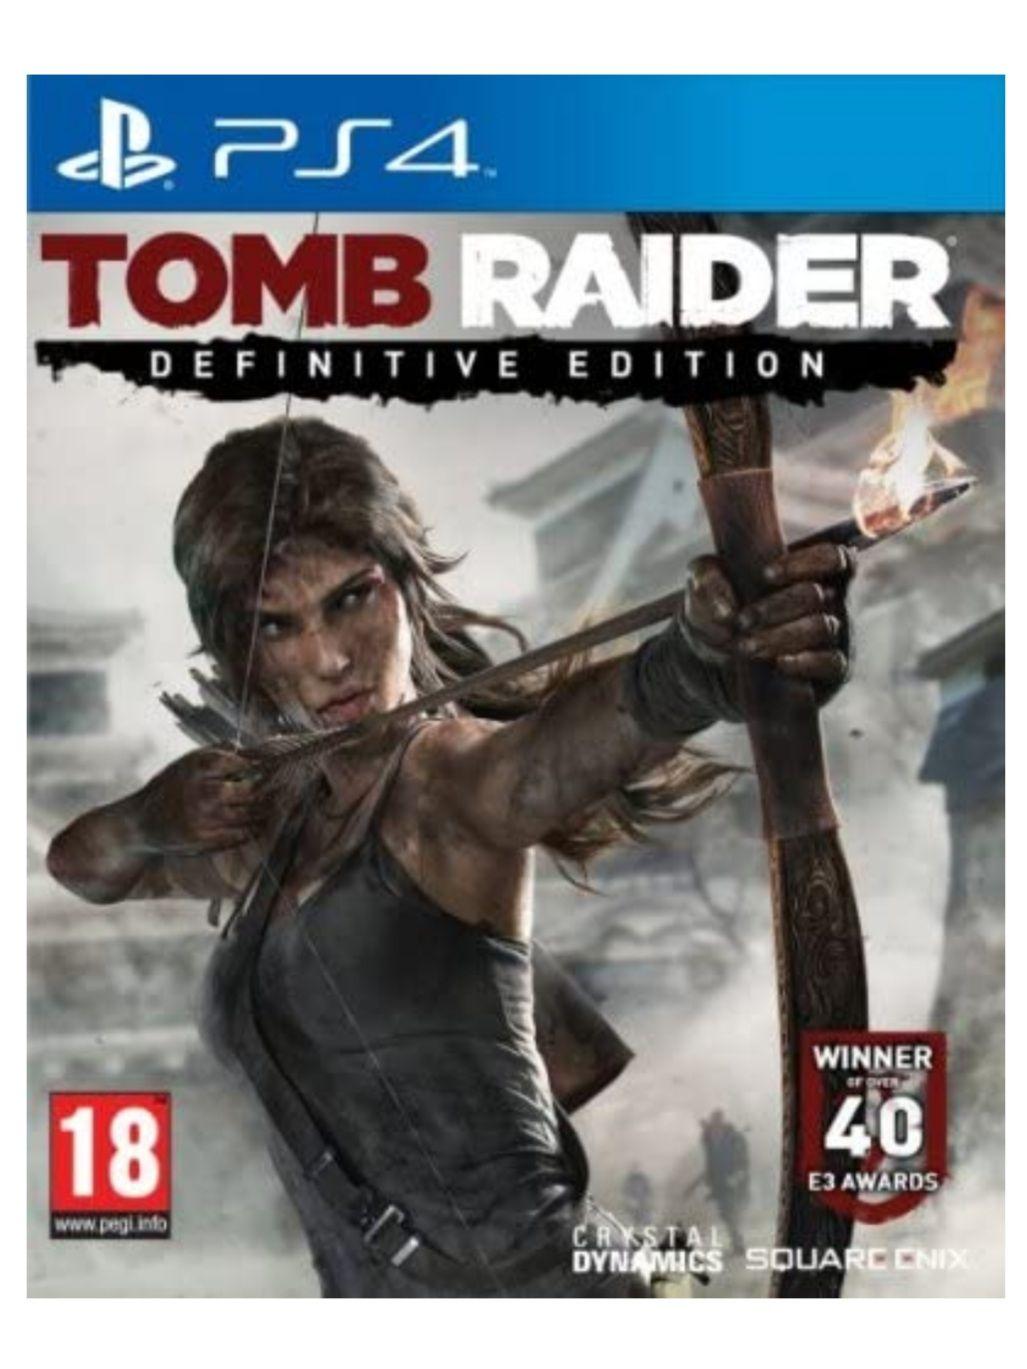 Tomb Raider Definitive Edition - PS4 (Mediamarkt y Amazon)